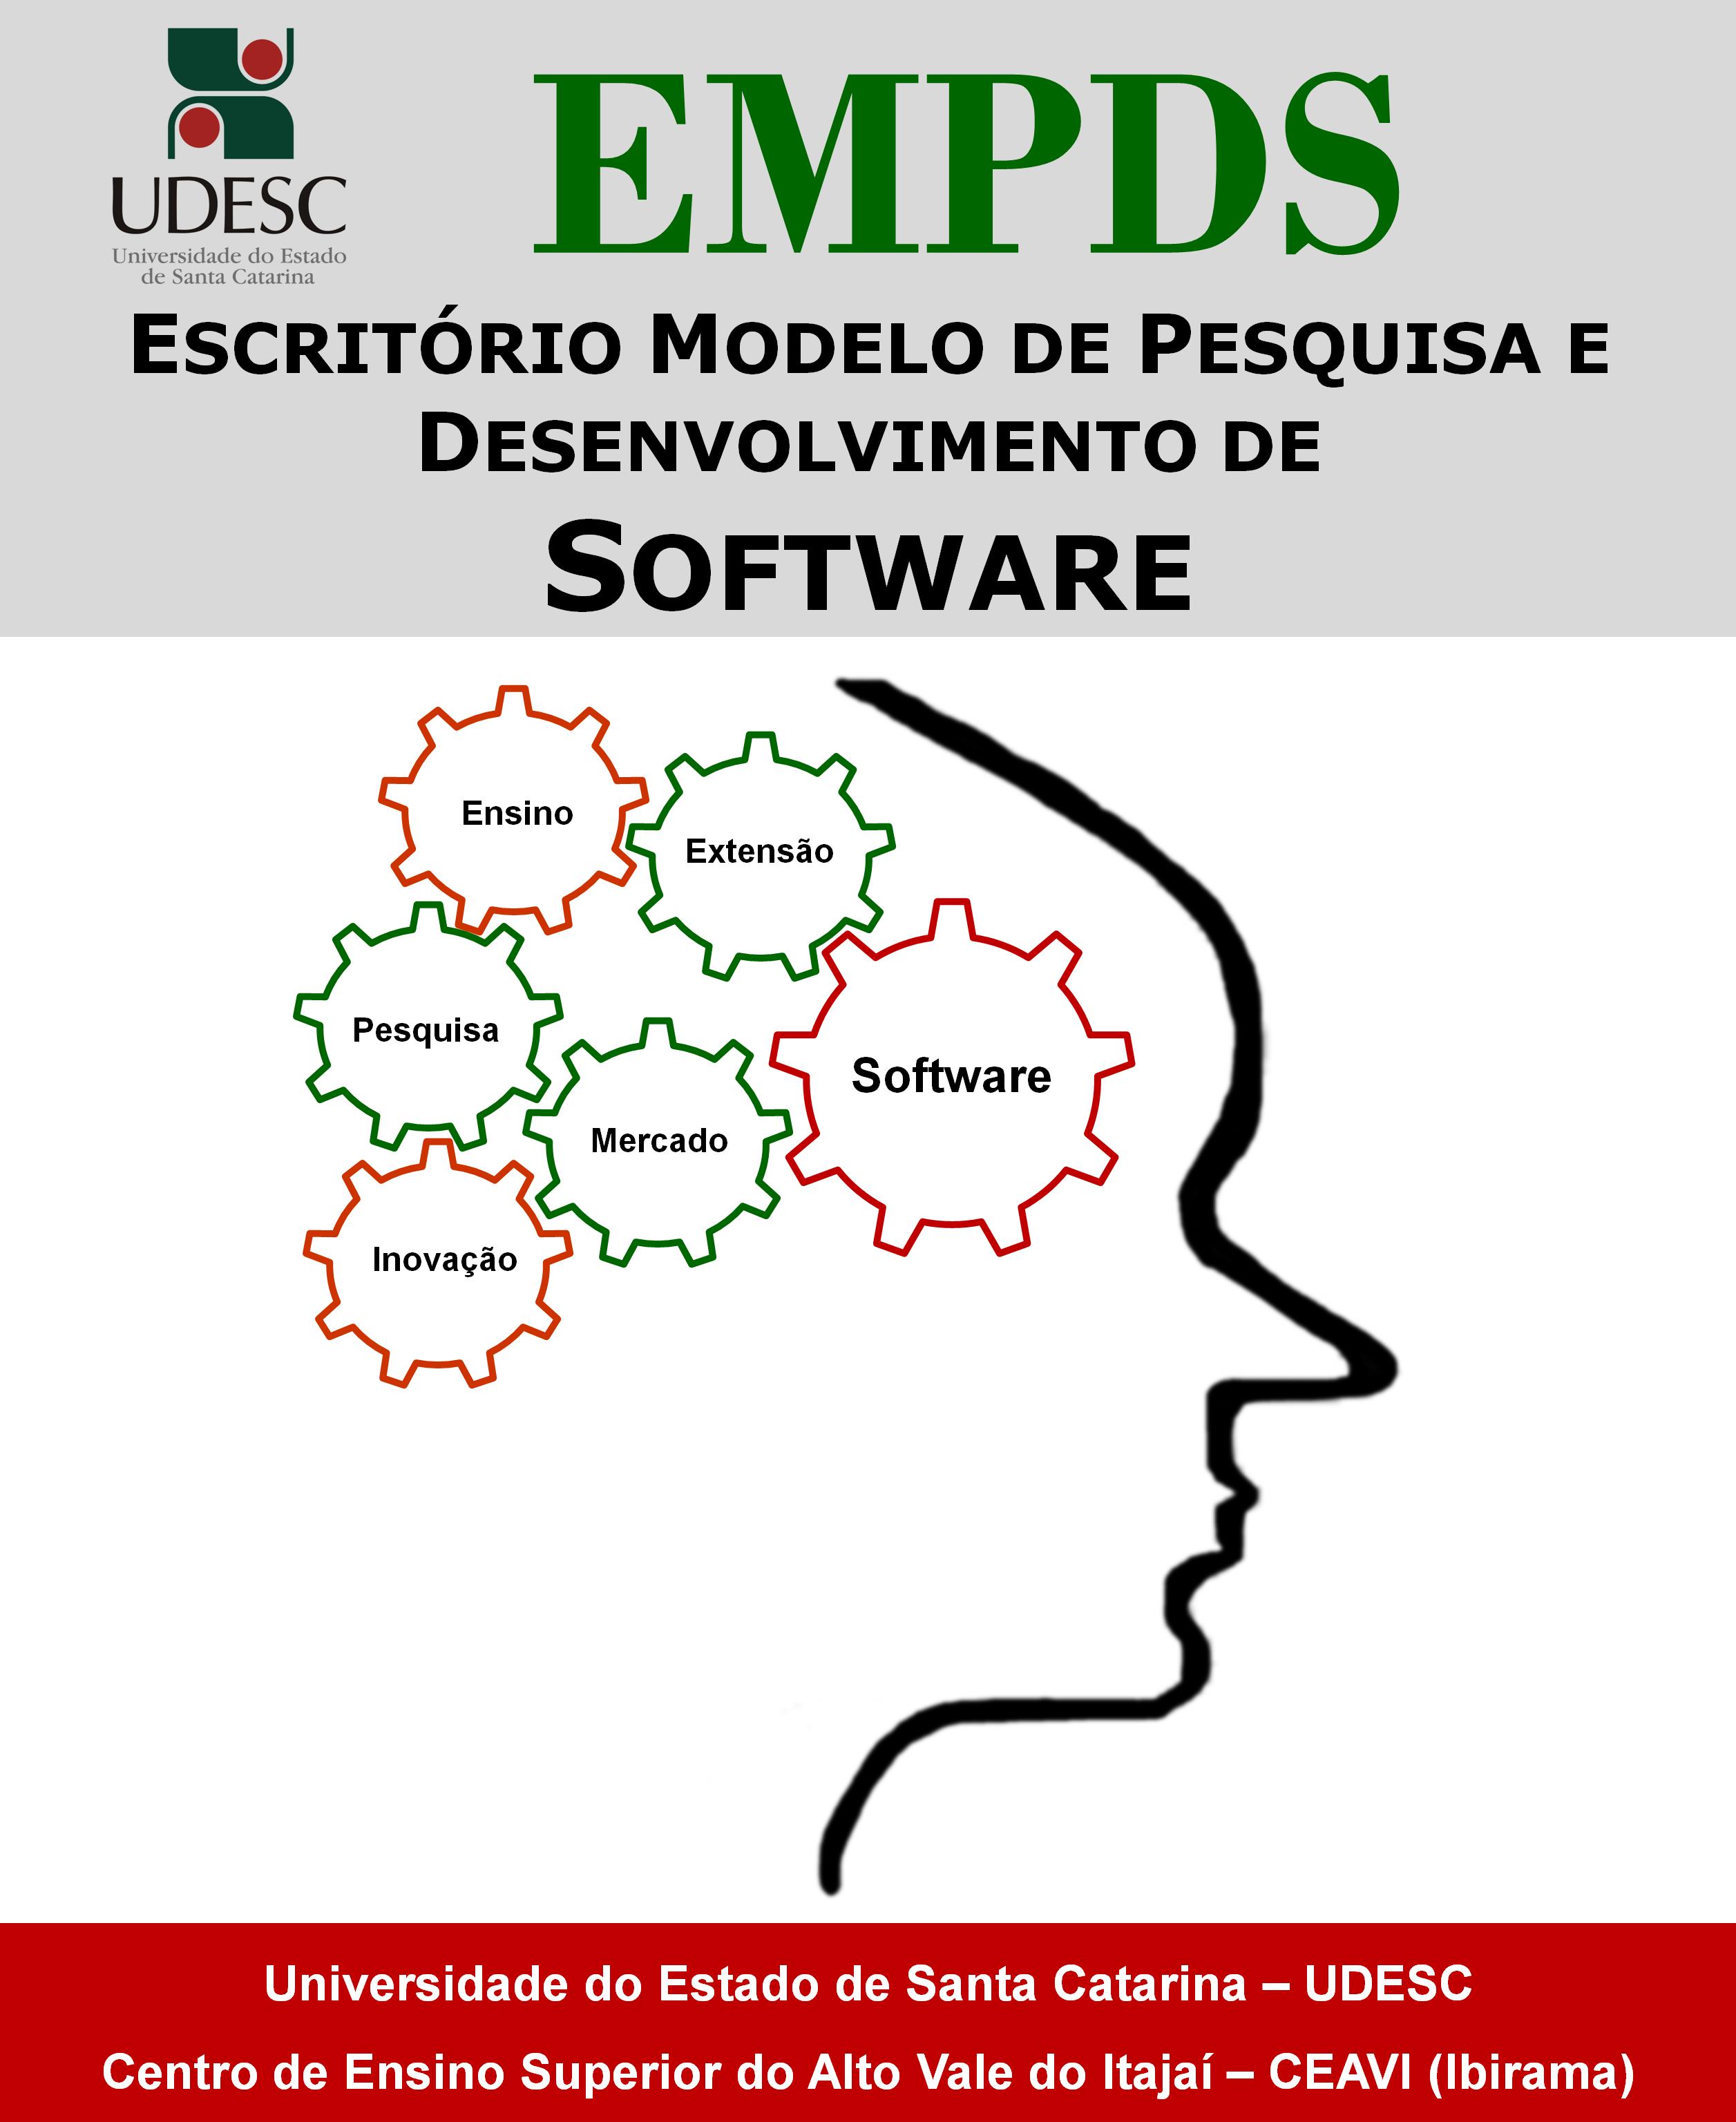 Escritório Modelo de Pesquisa e Desenvolvimento de Software